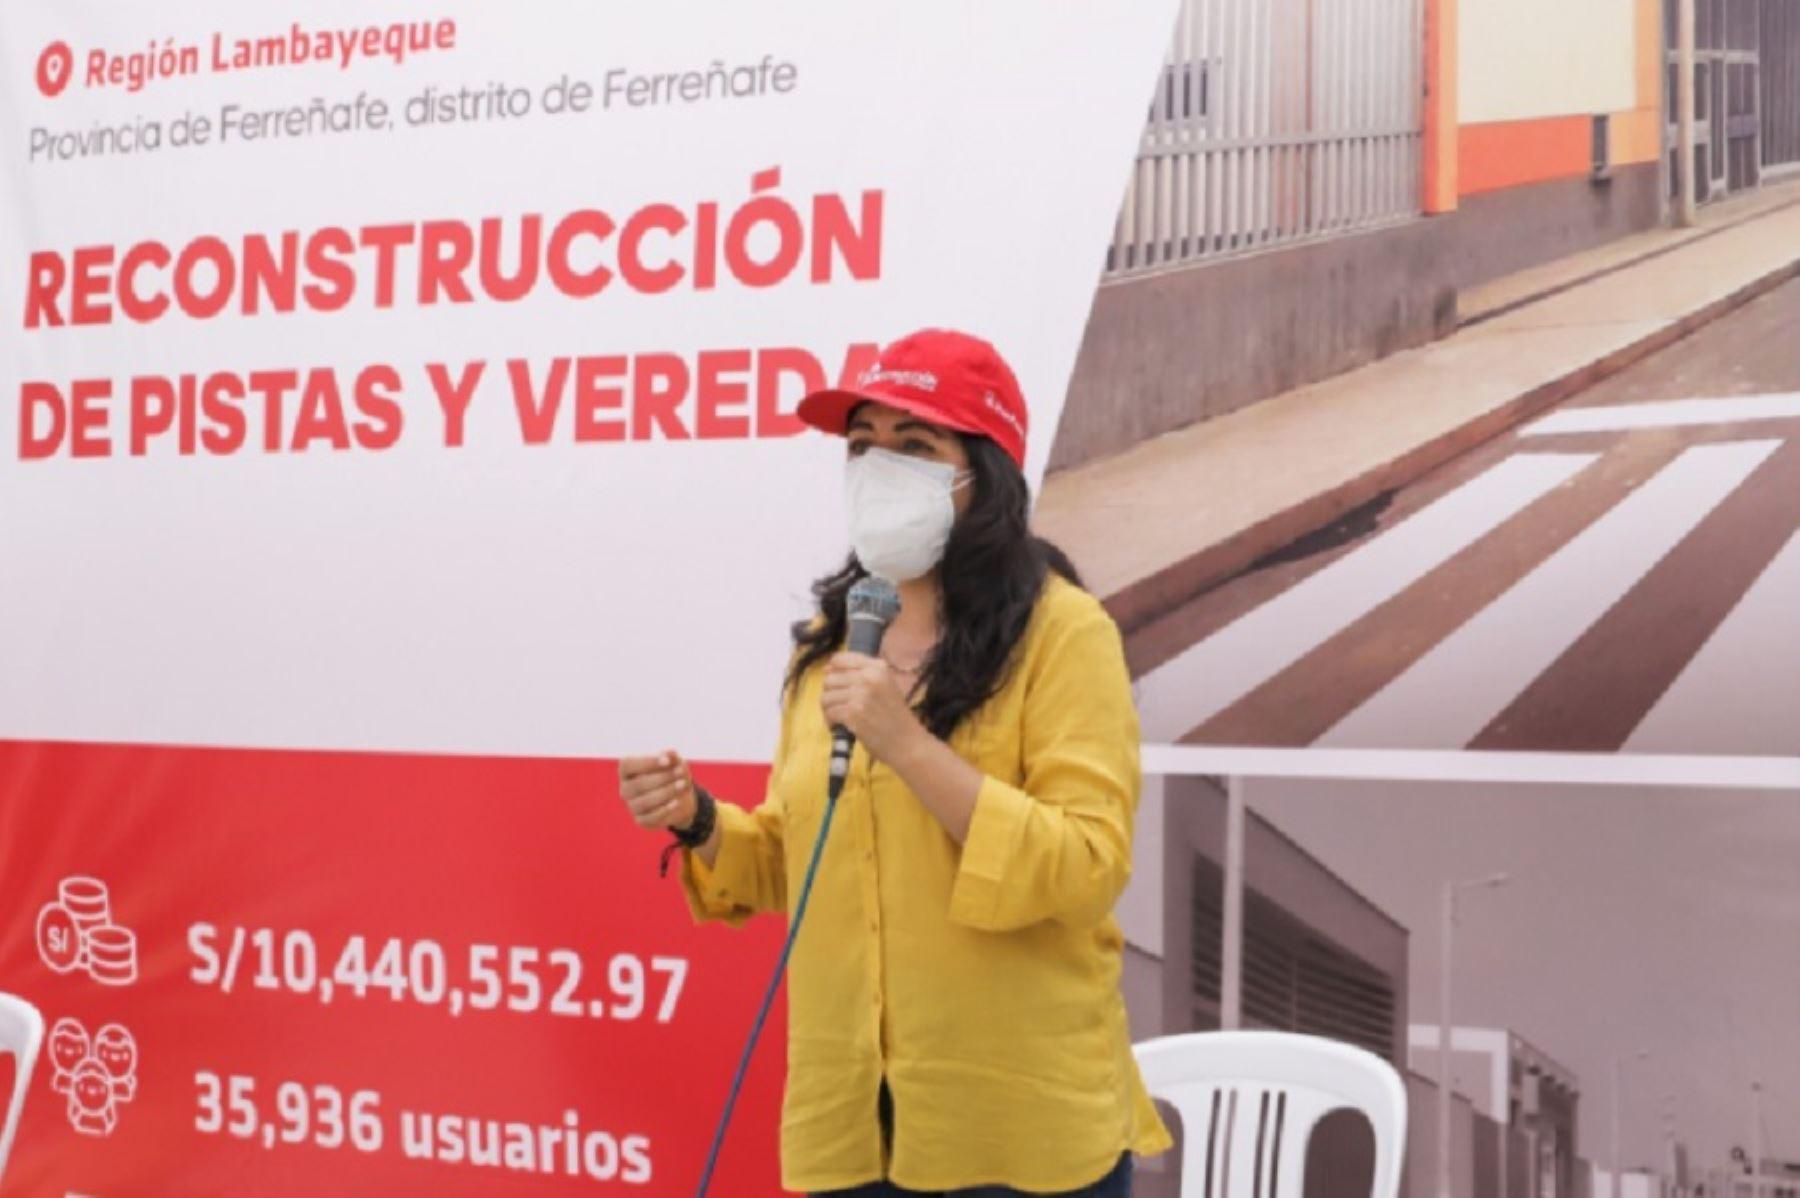 """La directora ejecutiva de la Autoridad para la Reconstrucción con Cambios (ARCC), Amalia Moreno Vizcardo, inauguró en la región Lambayeque, la obra """"Mejoramiento de pistas y veredas en el cercado urbano y unidades vecinales de la ciudad de Ferreñafe"""" que contribuirá a una fluida transitabilidad peatonal y vehicular, lo que beneficiará a más de 35,936 habitantes."""